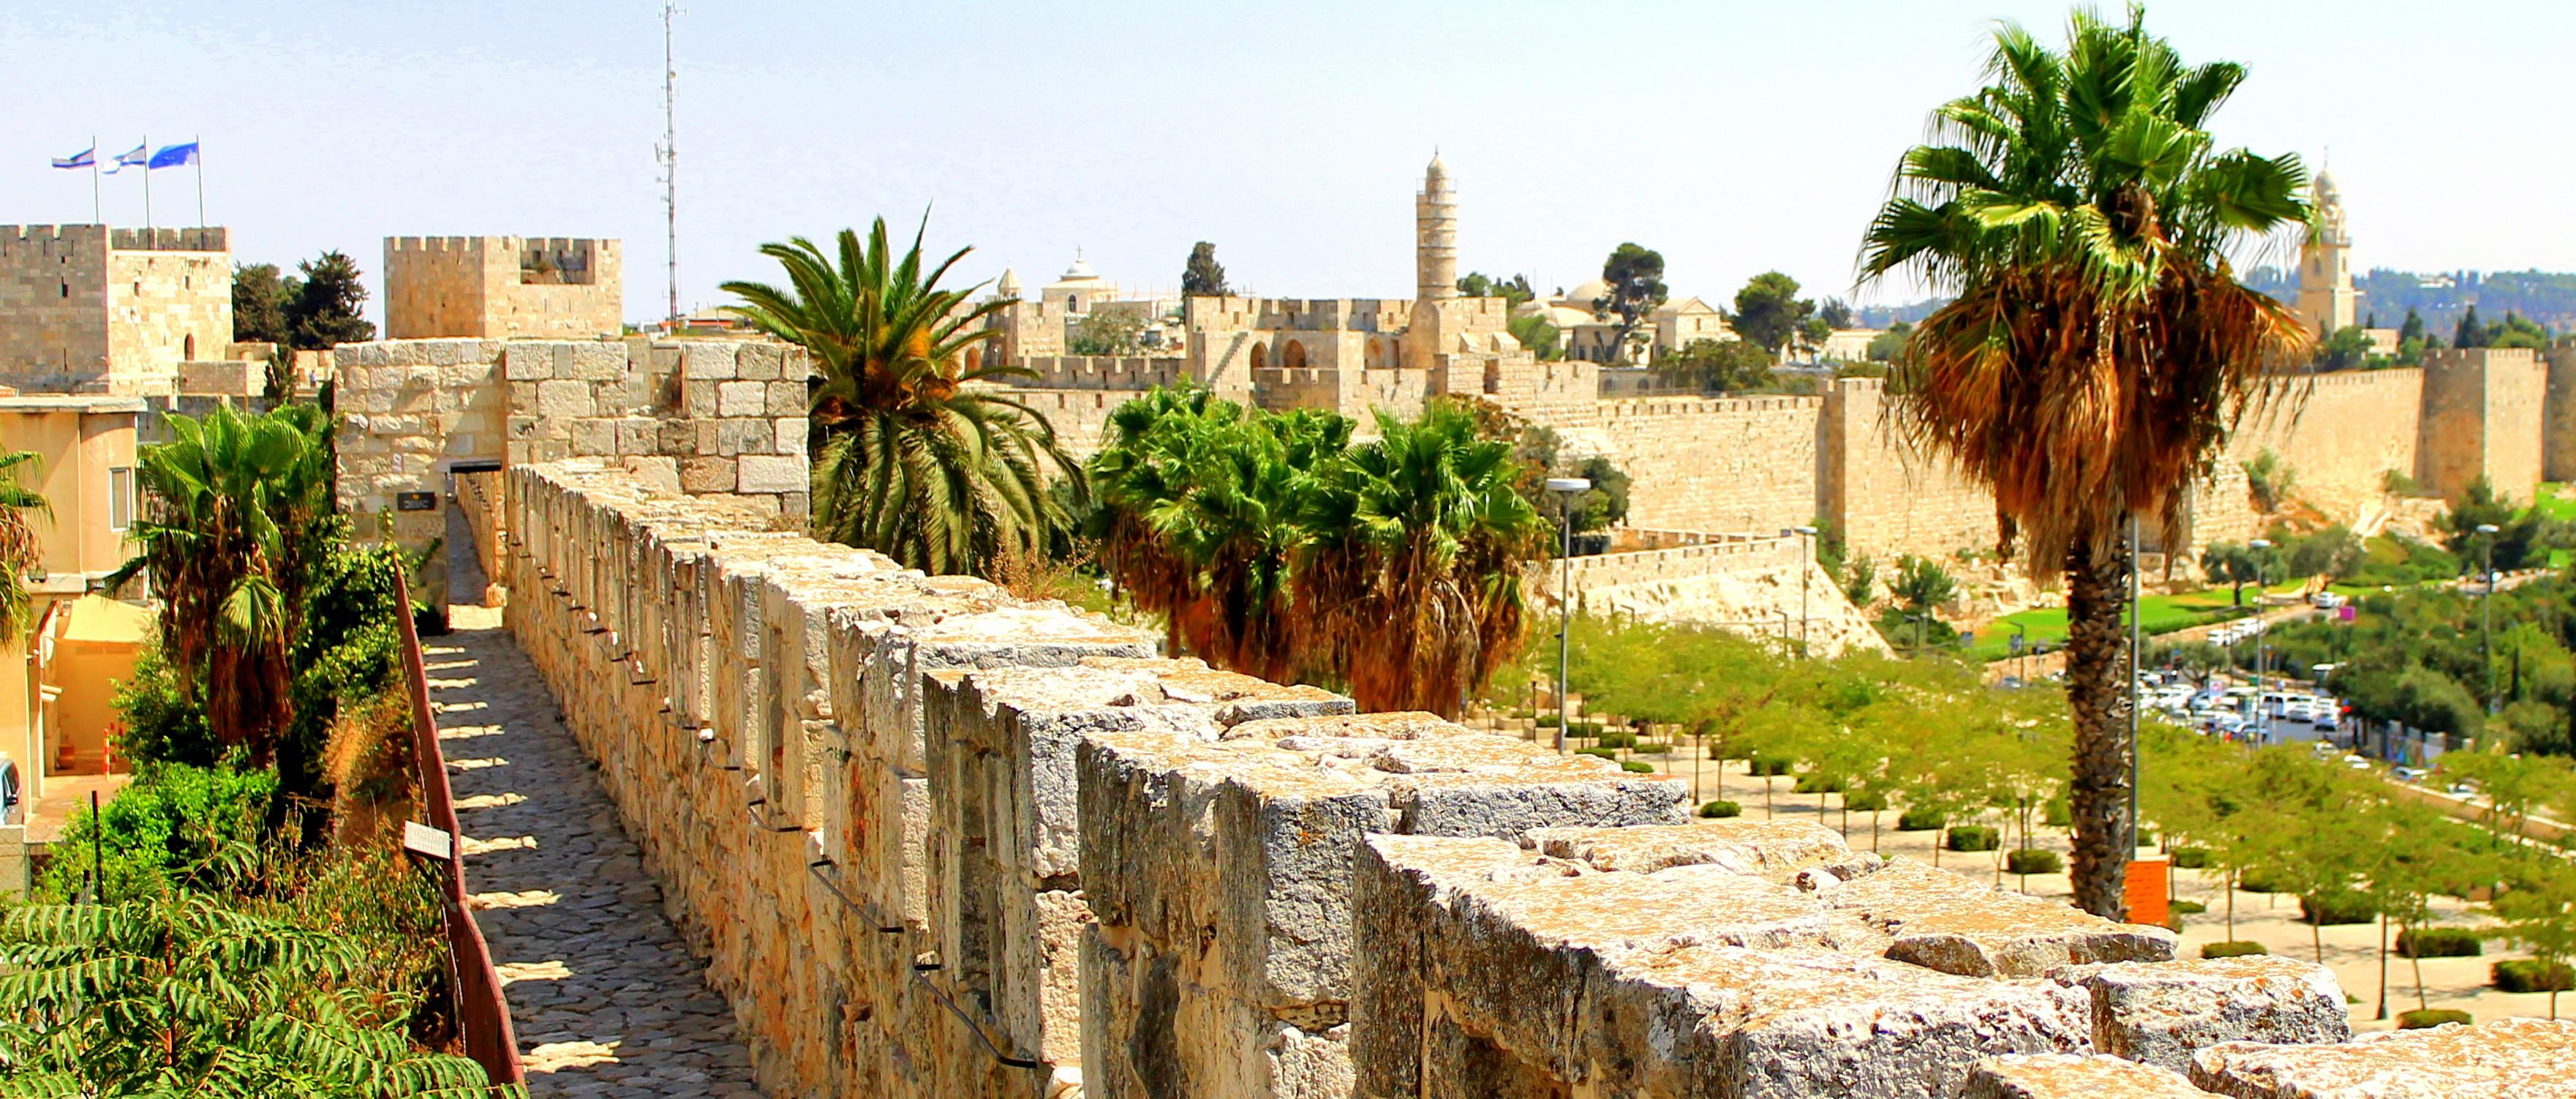 Die Entfernung trügt: Beim Blick über die Altstadt Jerusalems vergeht jedes Zeit- und Raumverhältnis.